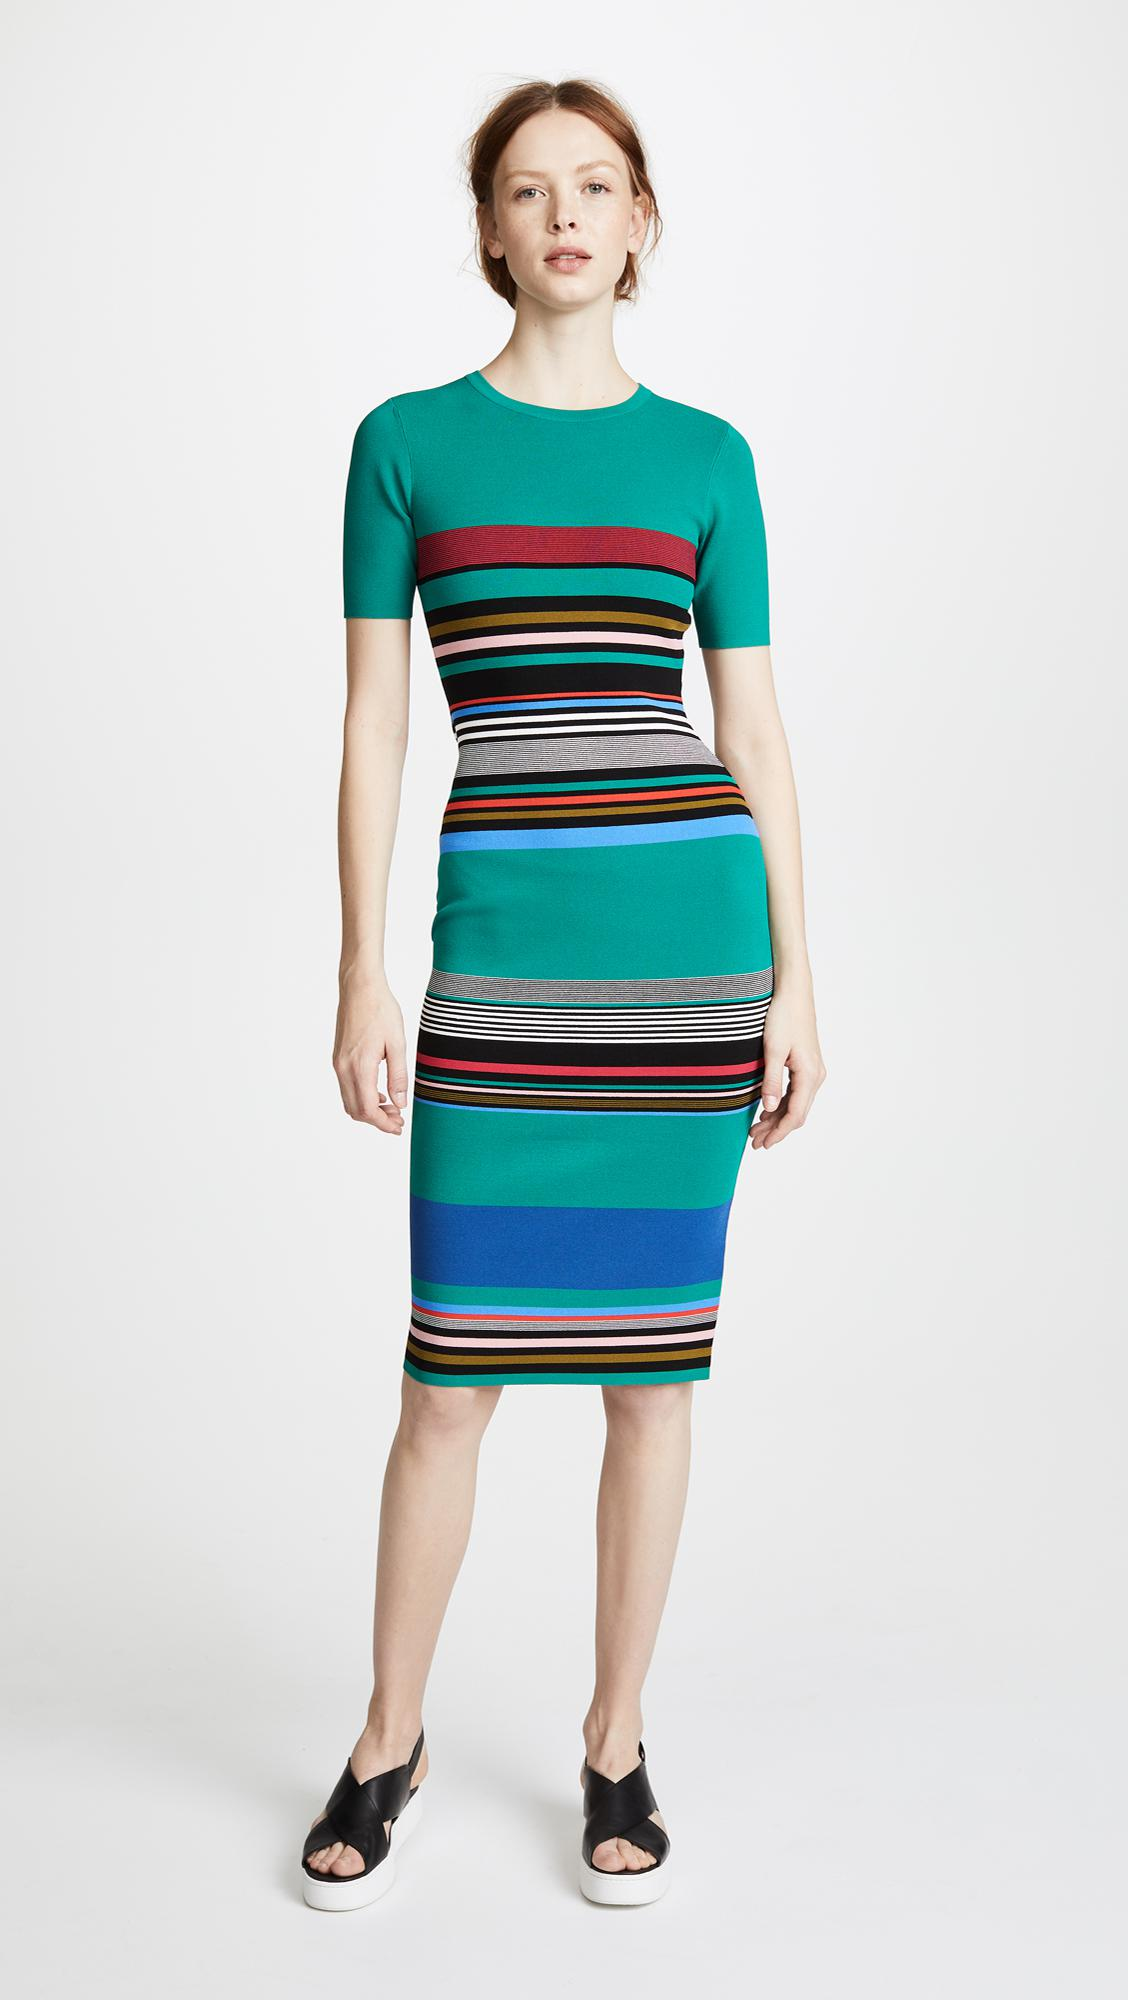 ba2b338de5 Lyst - Diane von Furstenberg Soft Shoulder Sweater Dress in Green